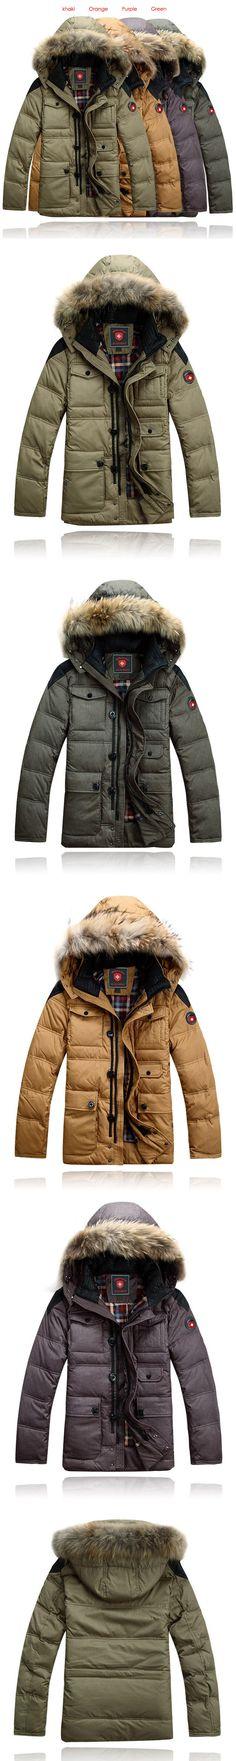 8 Best Wellensteyn Jacken Herren images | Fashion, Winter